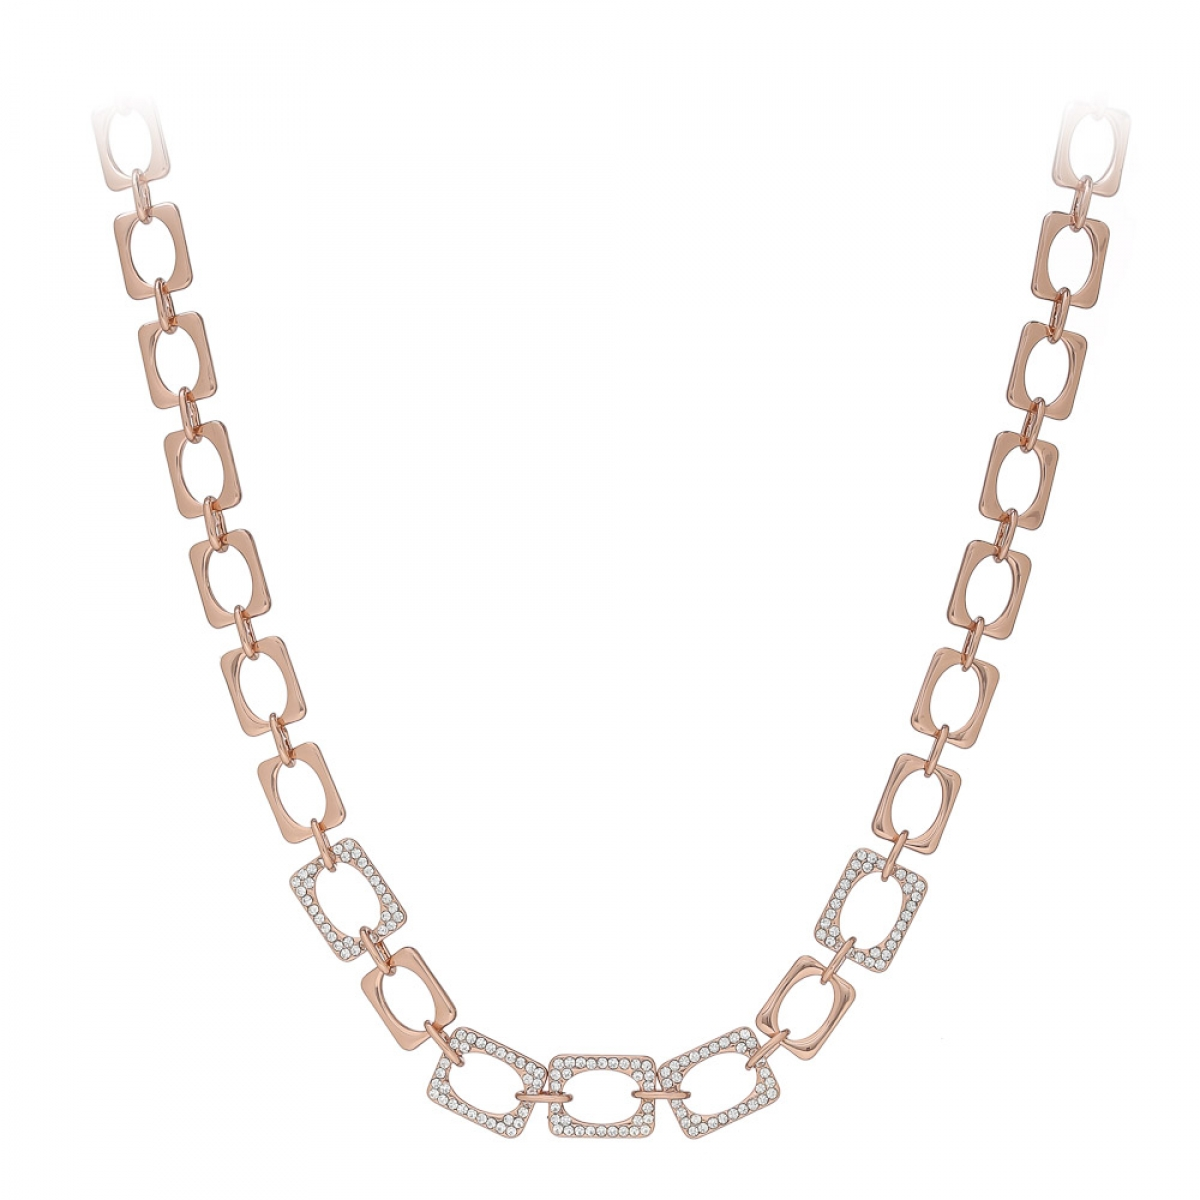 Náhrdelník Modern Chain Style Zircon Crystals Rose Gold